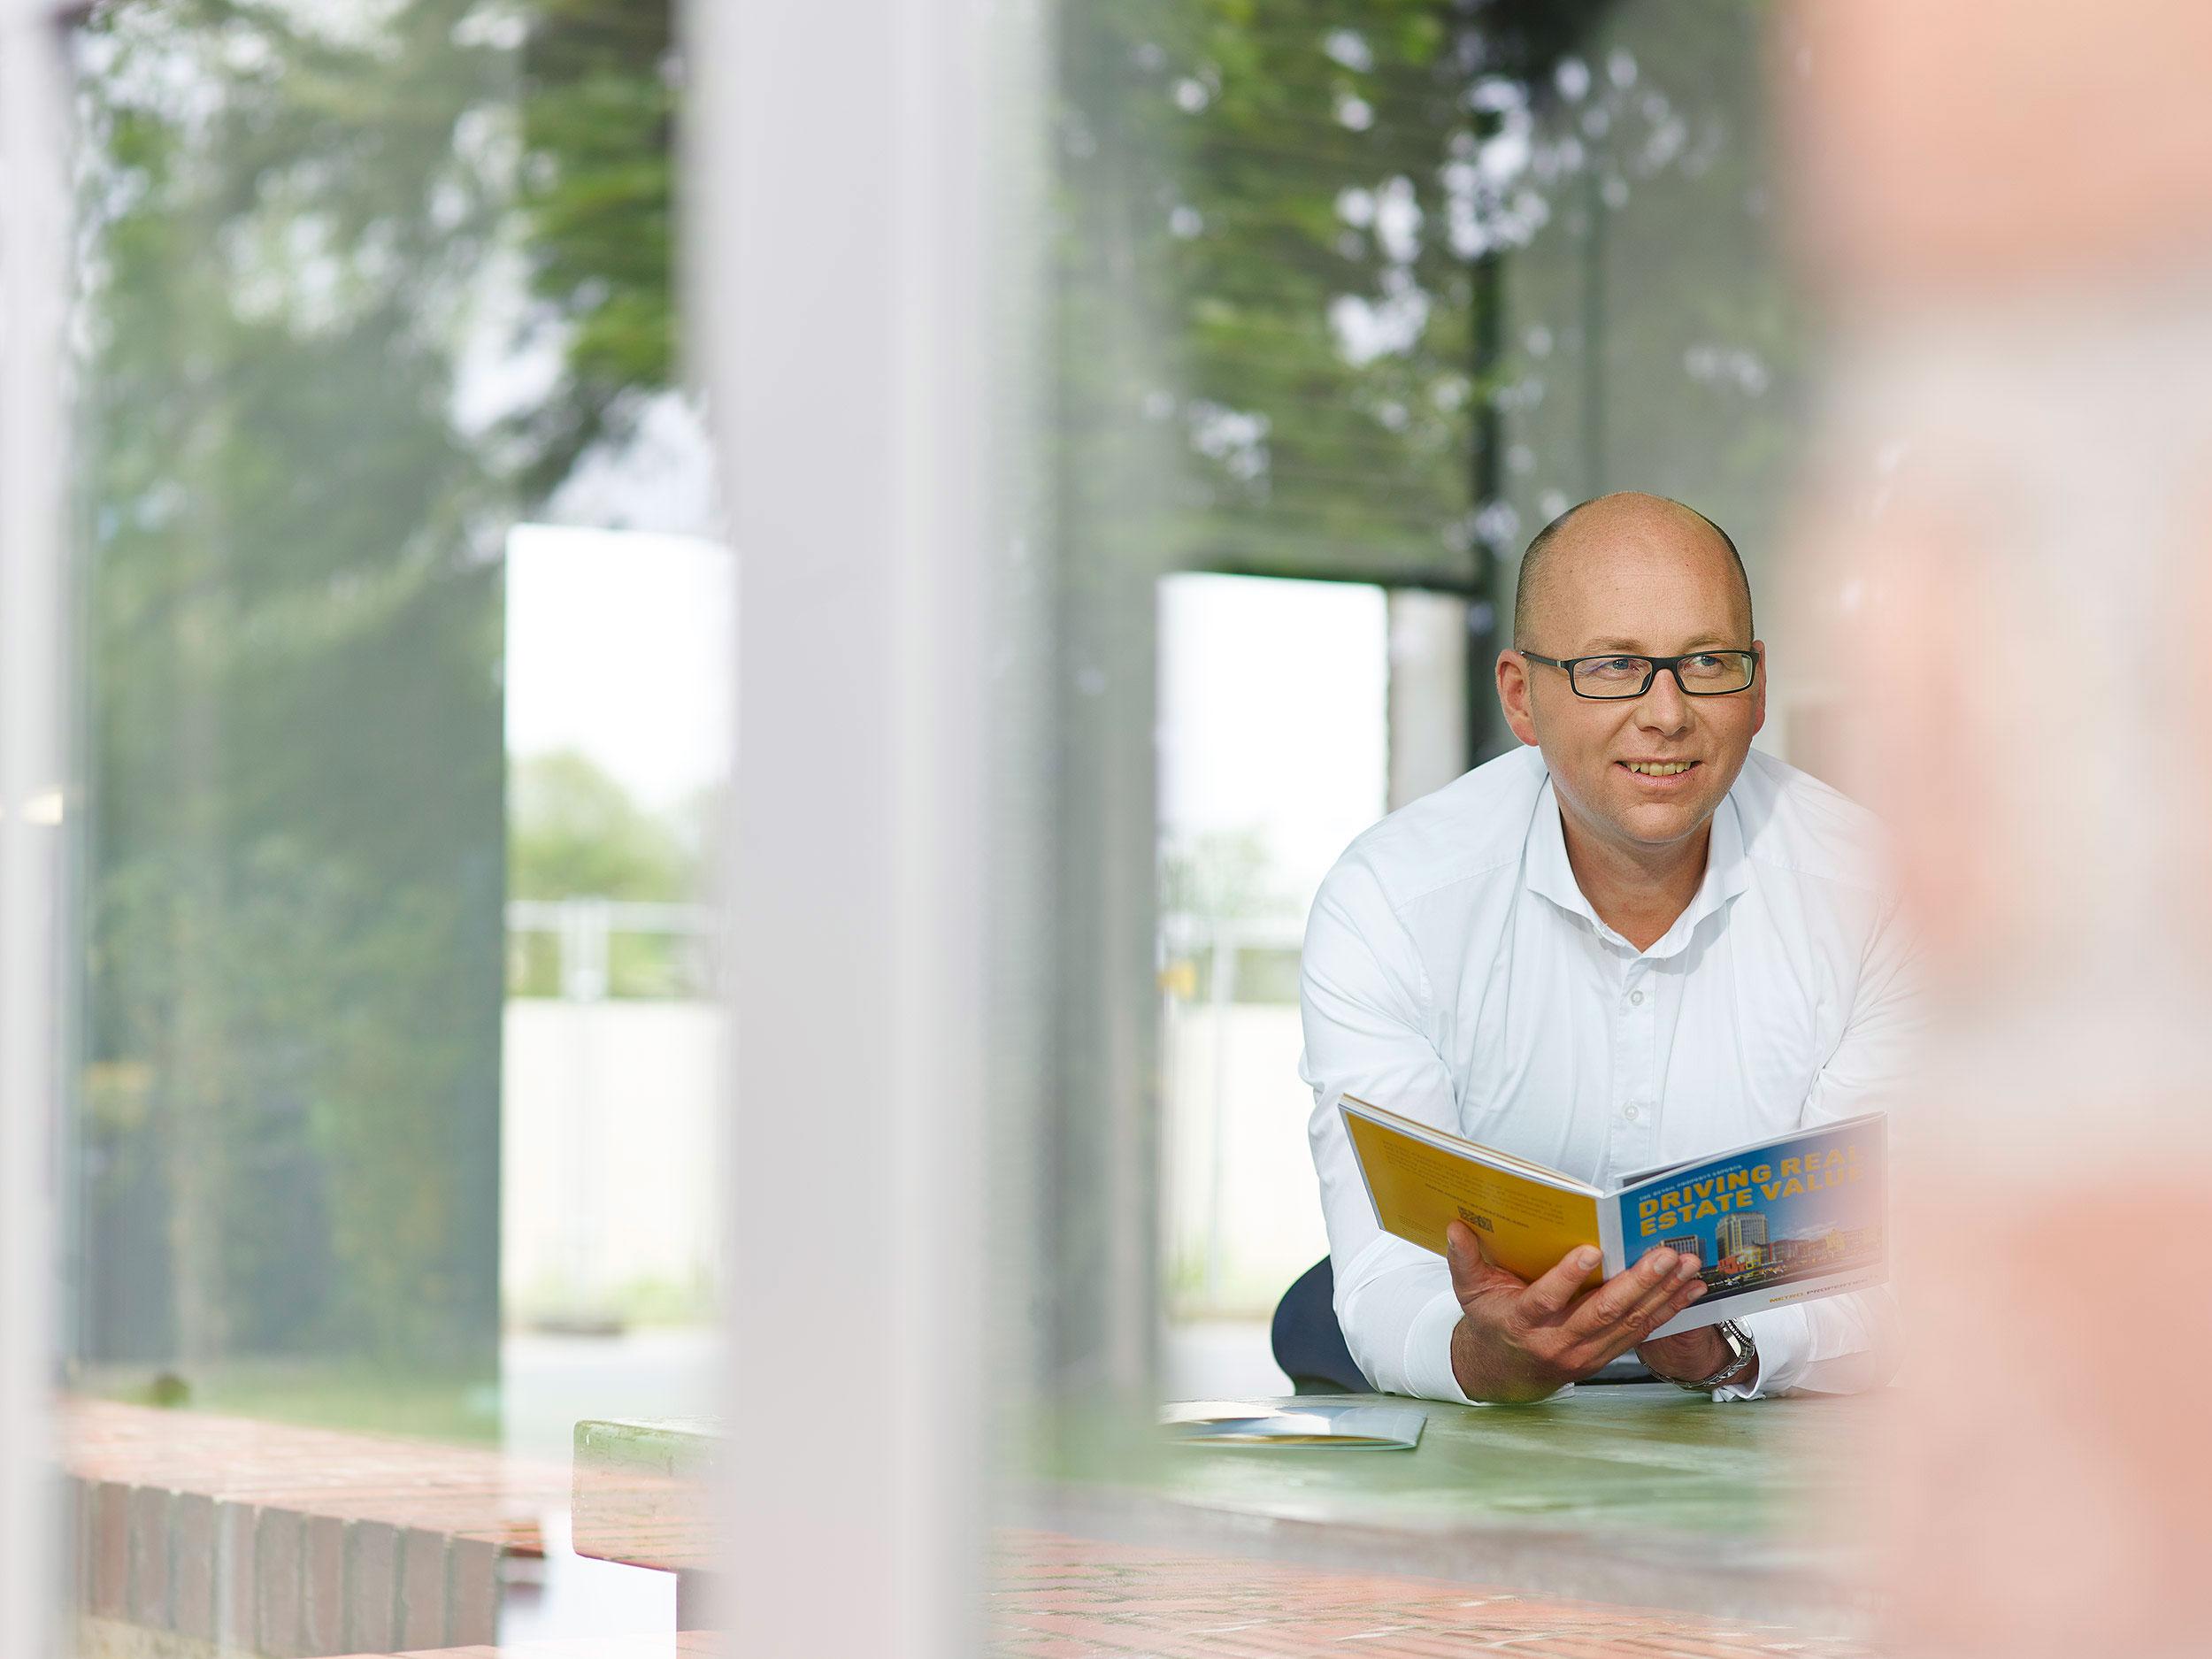 Mann mit halbglatte in weißem Hemd lacht, Broschüre in der Hand, Blick durchs Fenster in einen großen Raum.